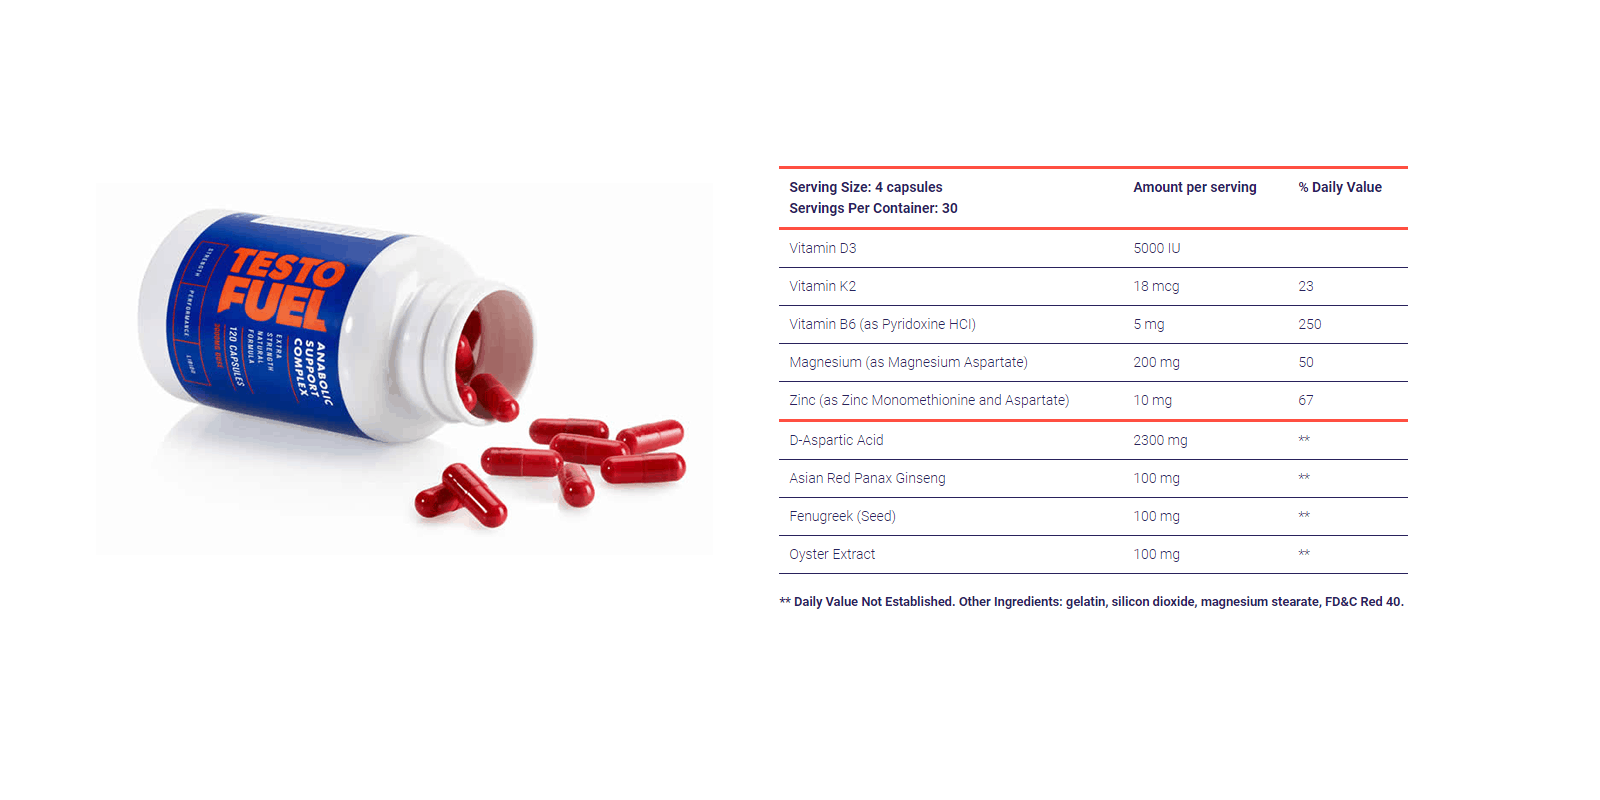 TestoFuel dosage